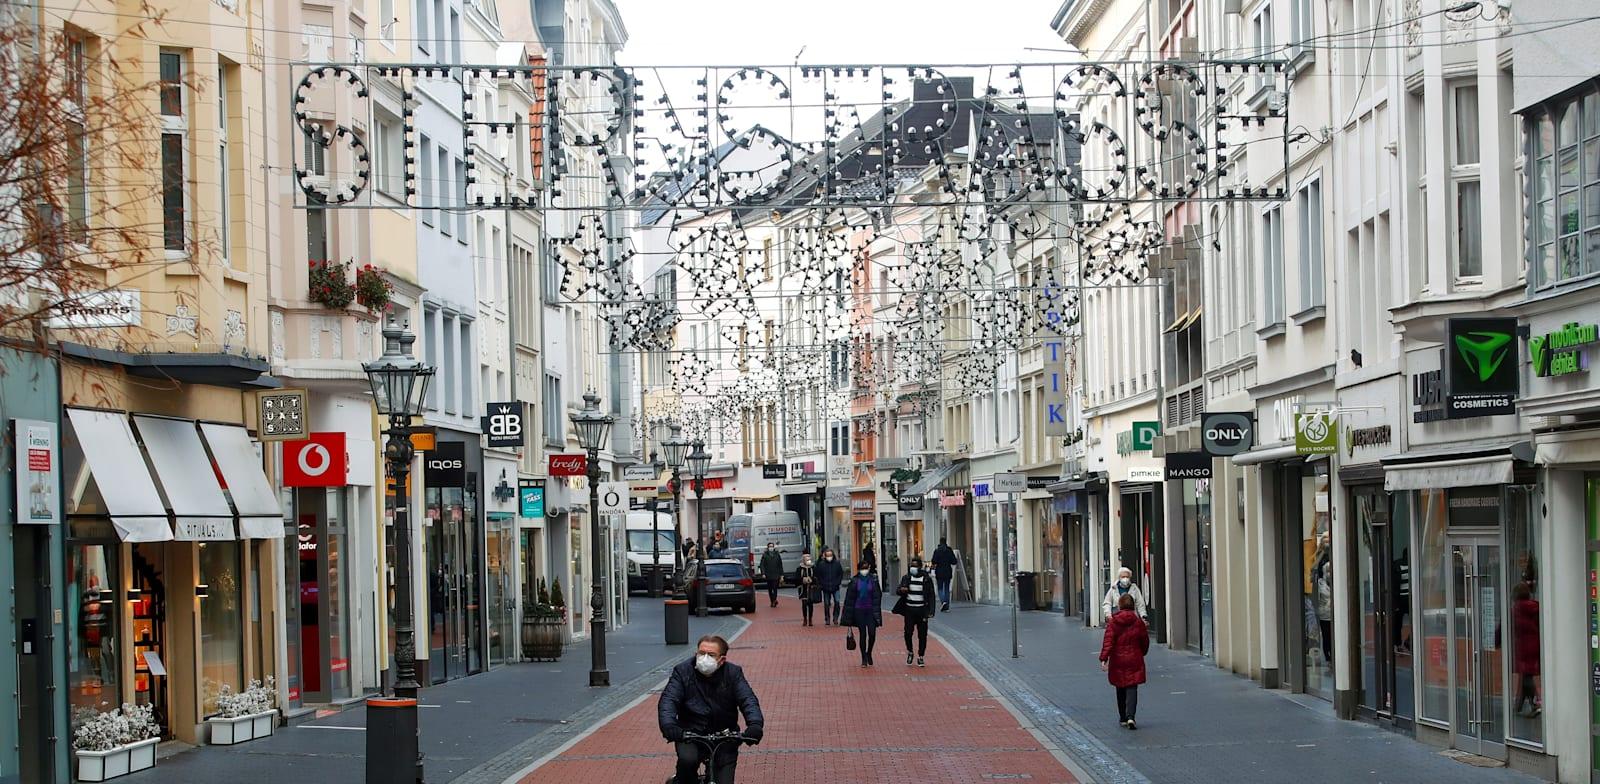 רחוב קניות עם נוכחות דלילה בעיר בון, לאחר שגרמניה נכנסה לסגר בשל תחלואת הקורונה / צילום: Reuters, Wolfgang Rattay